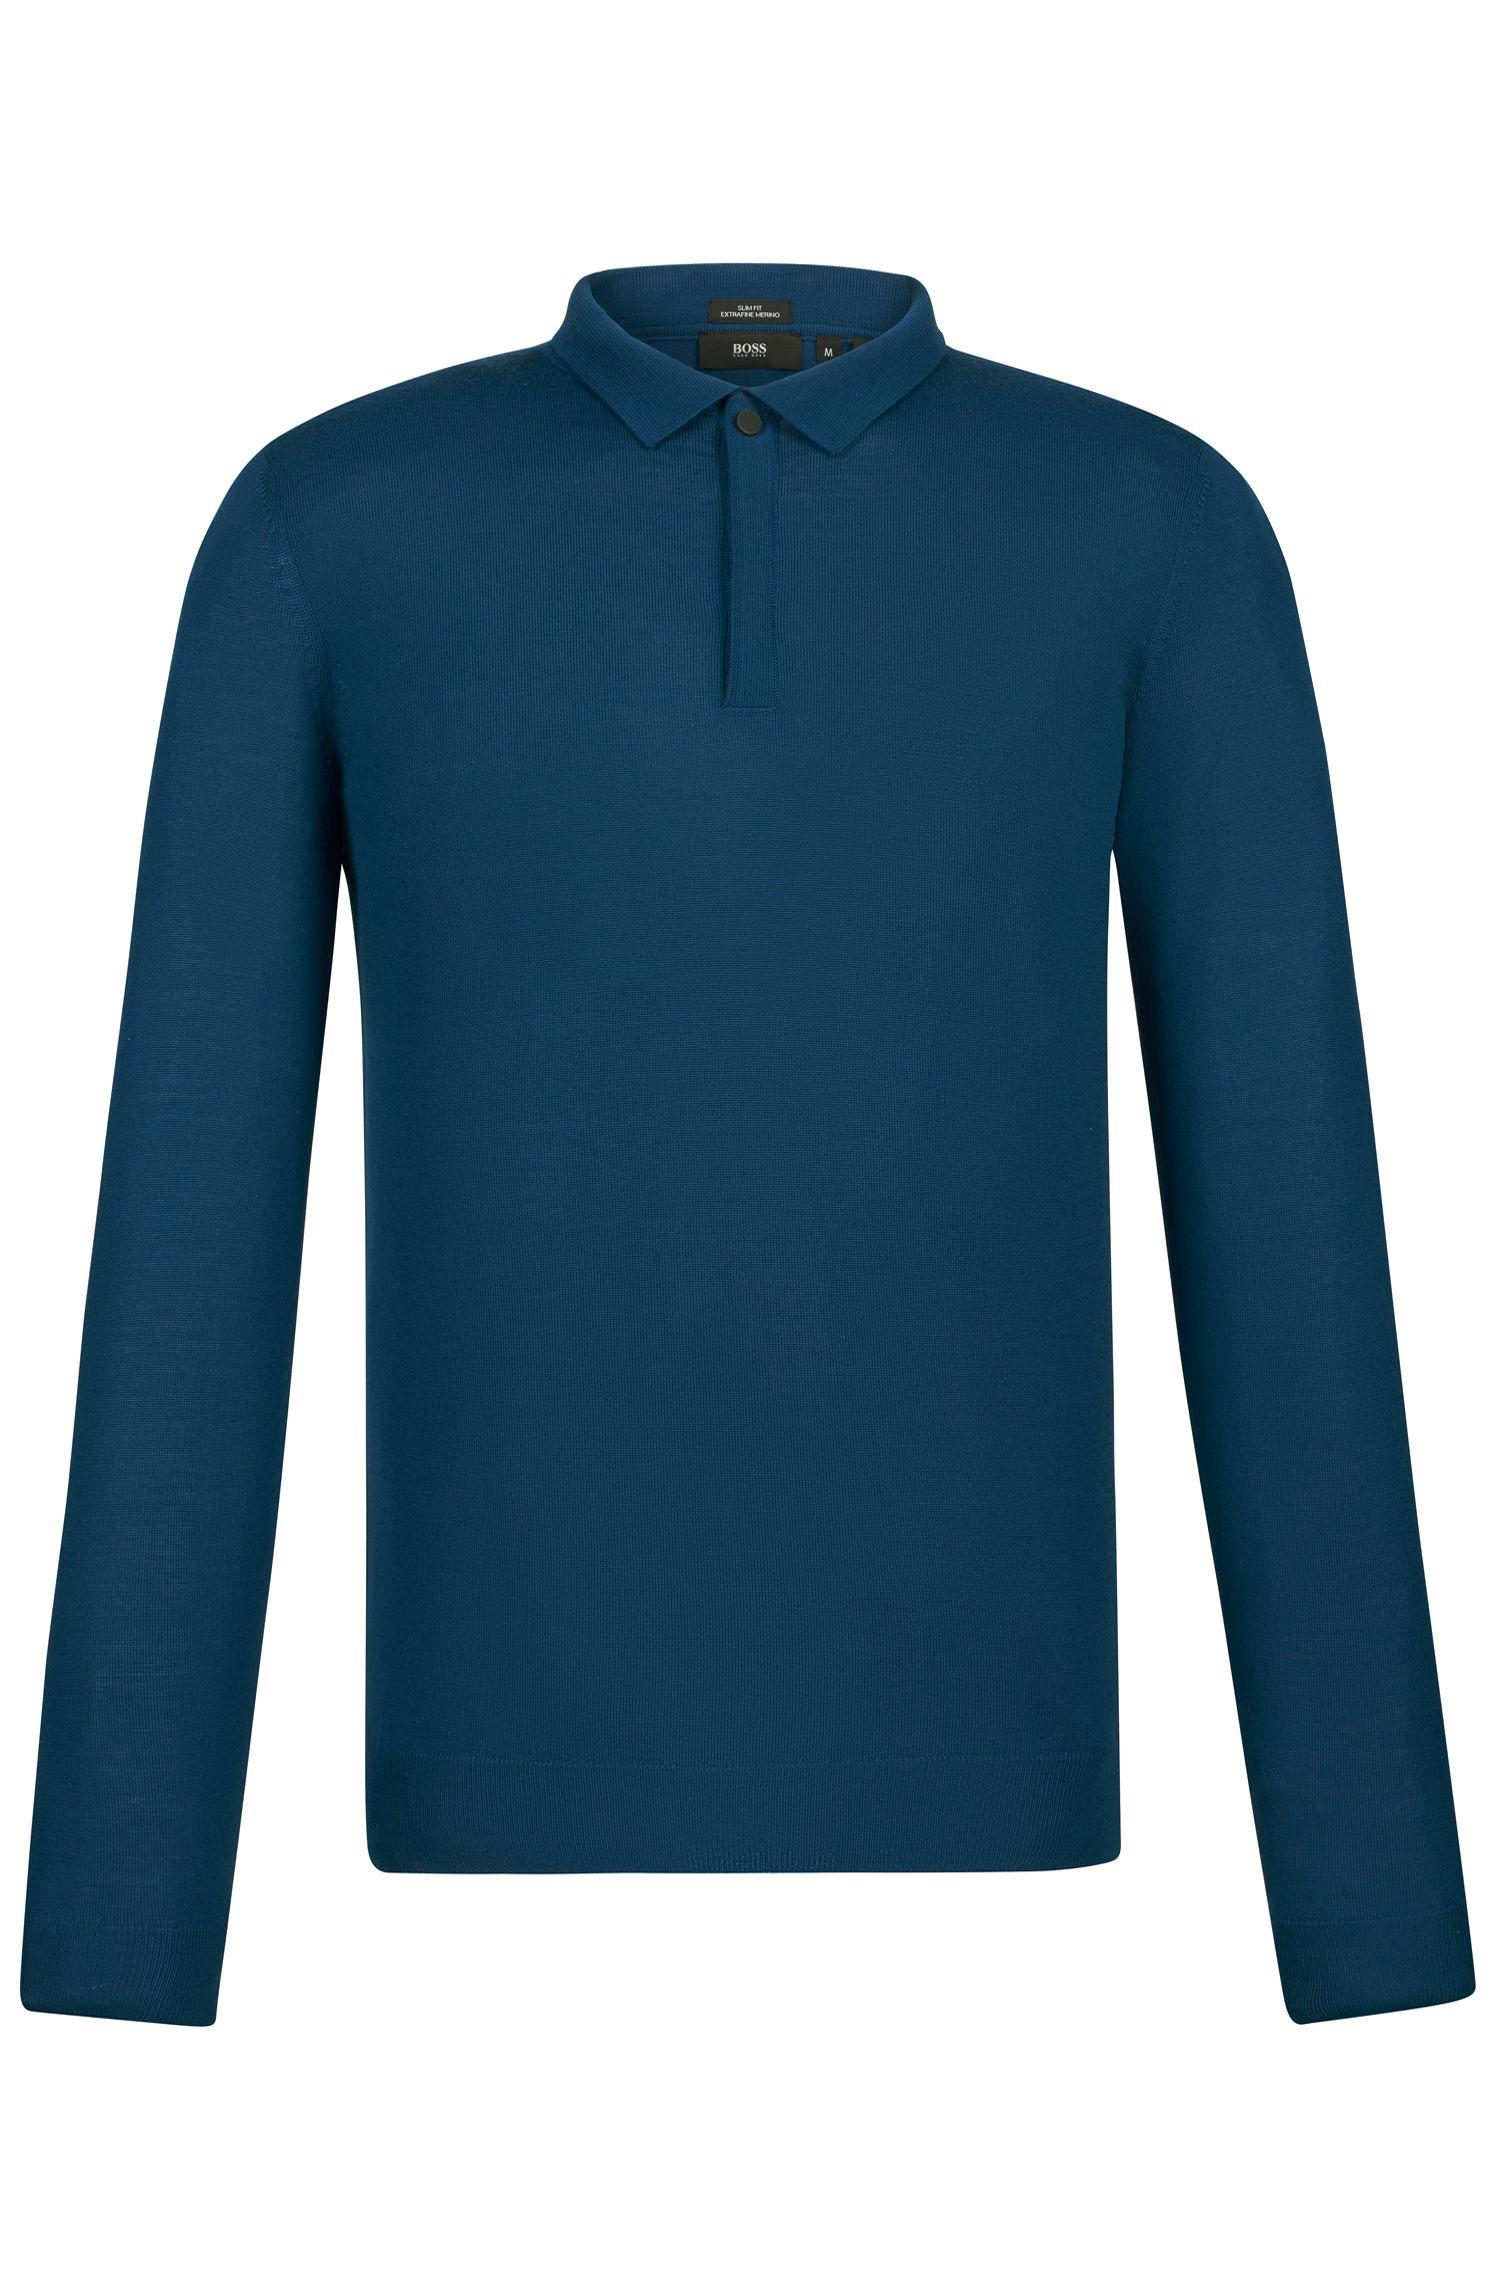 'Iden' | Slim Fit, Merino Virgin Wool Polo Sweater